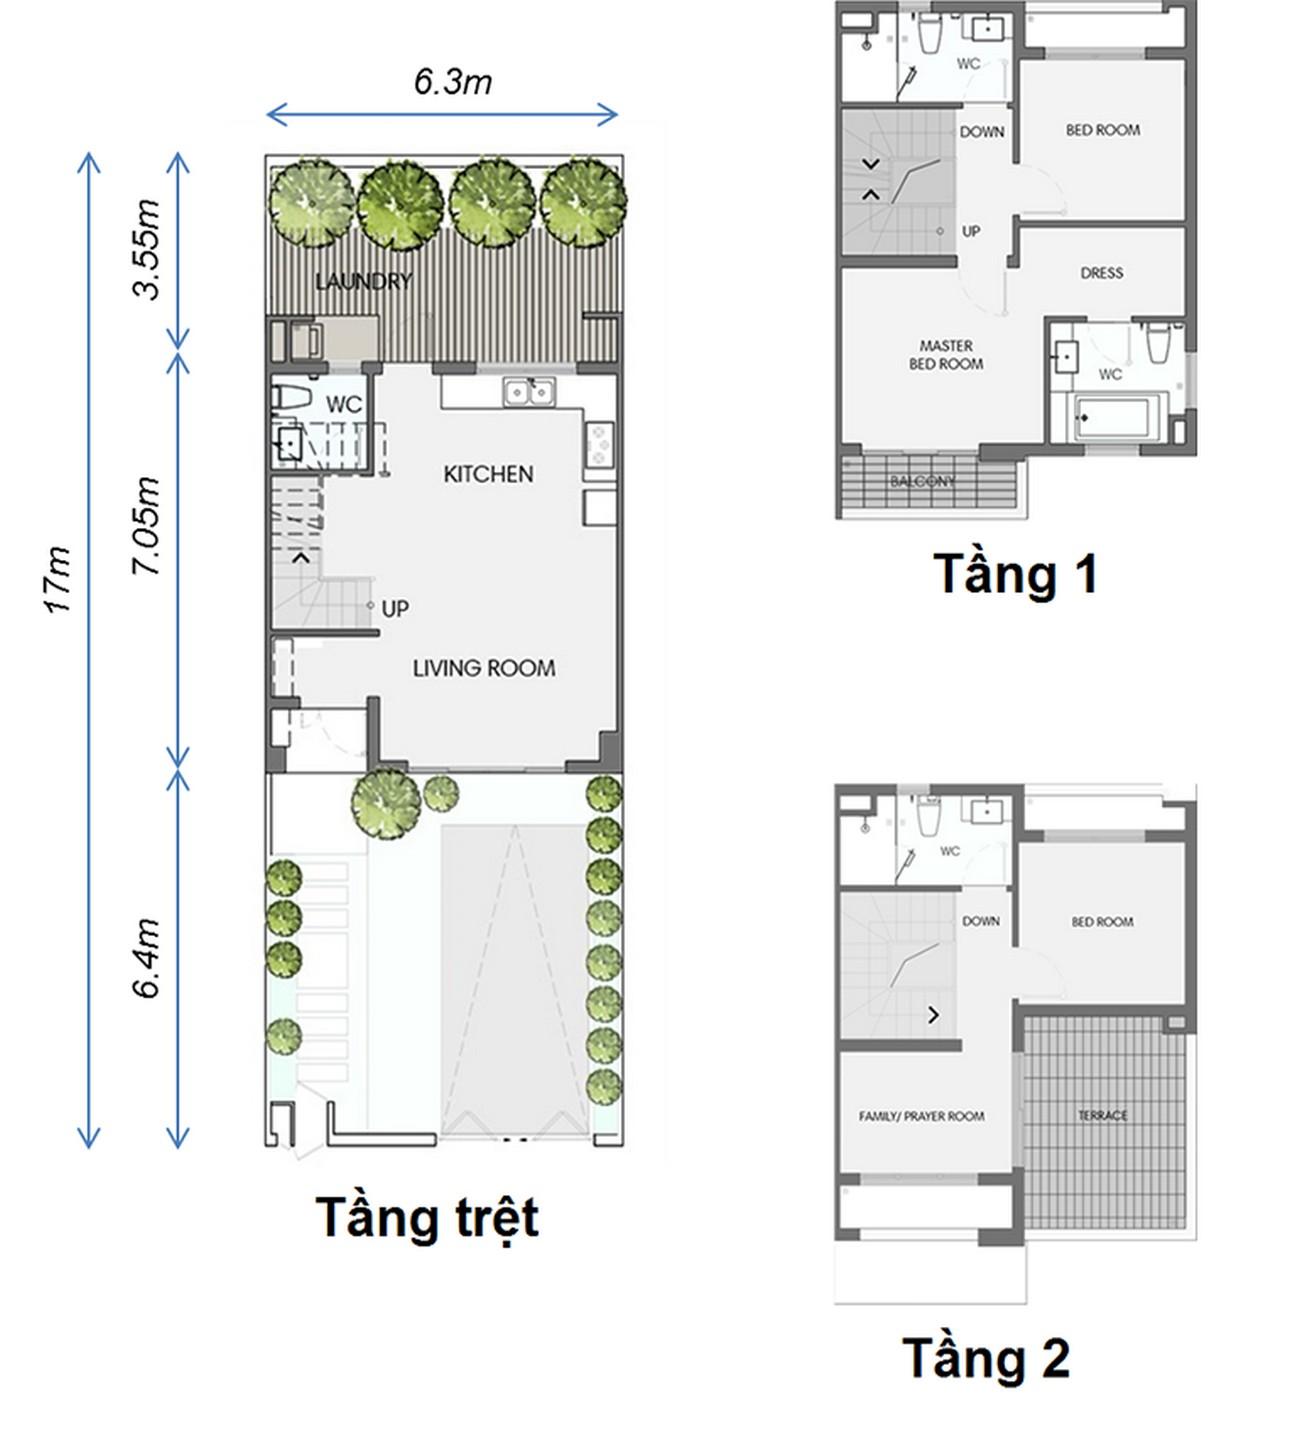 Thiết kế Biệt Thự Cảnh Quan Swan Park Nhơn Trạch Đường Đường số 7 chủ đầu tư CFLD